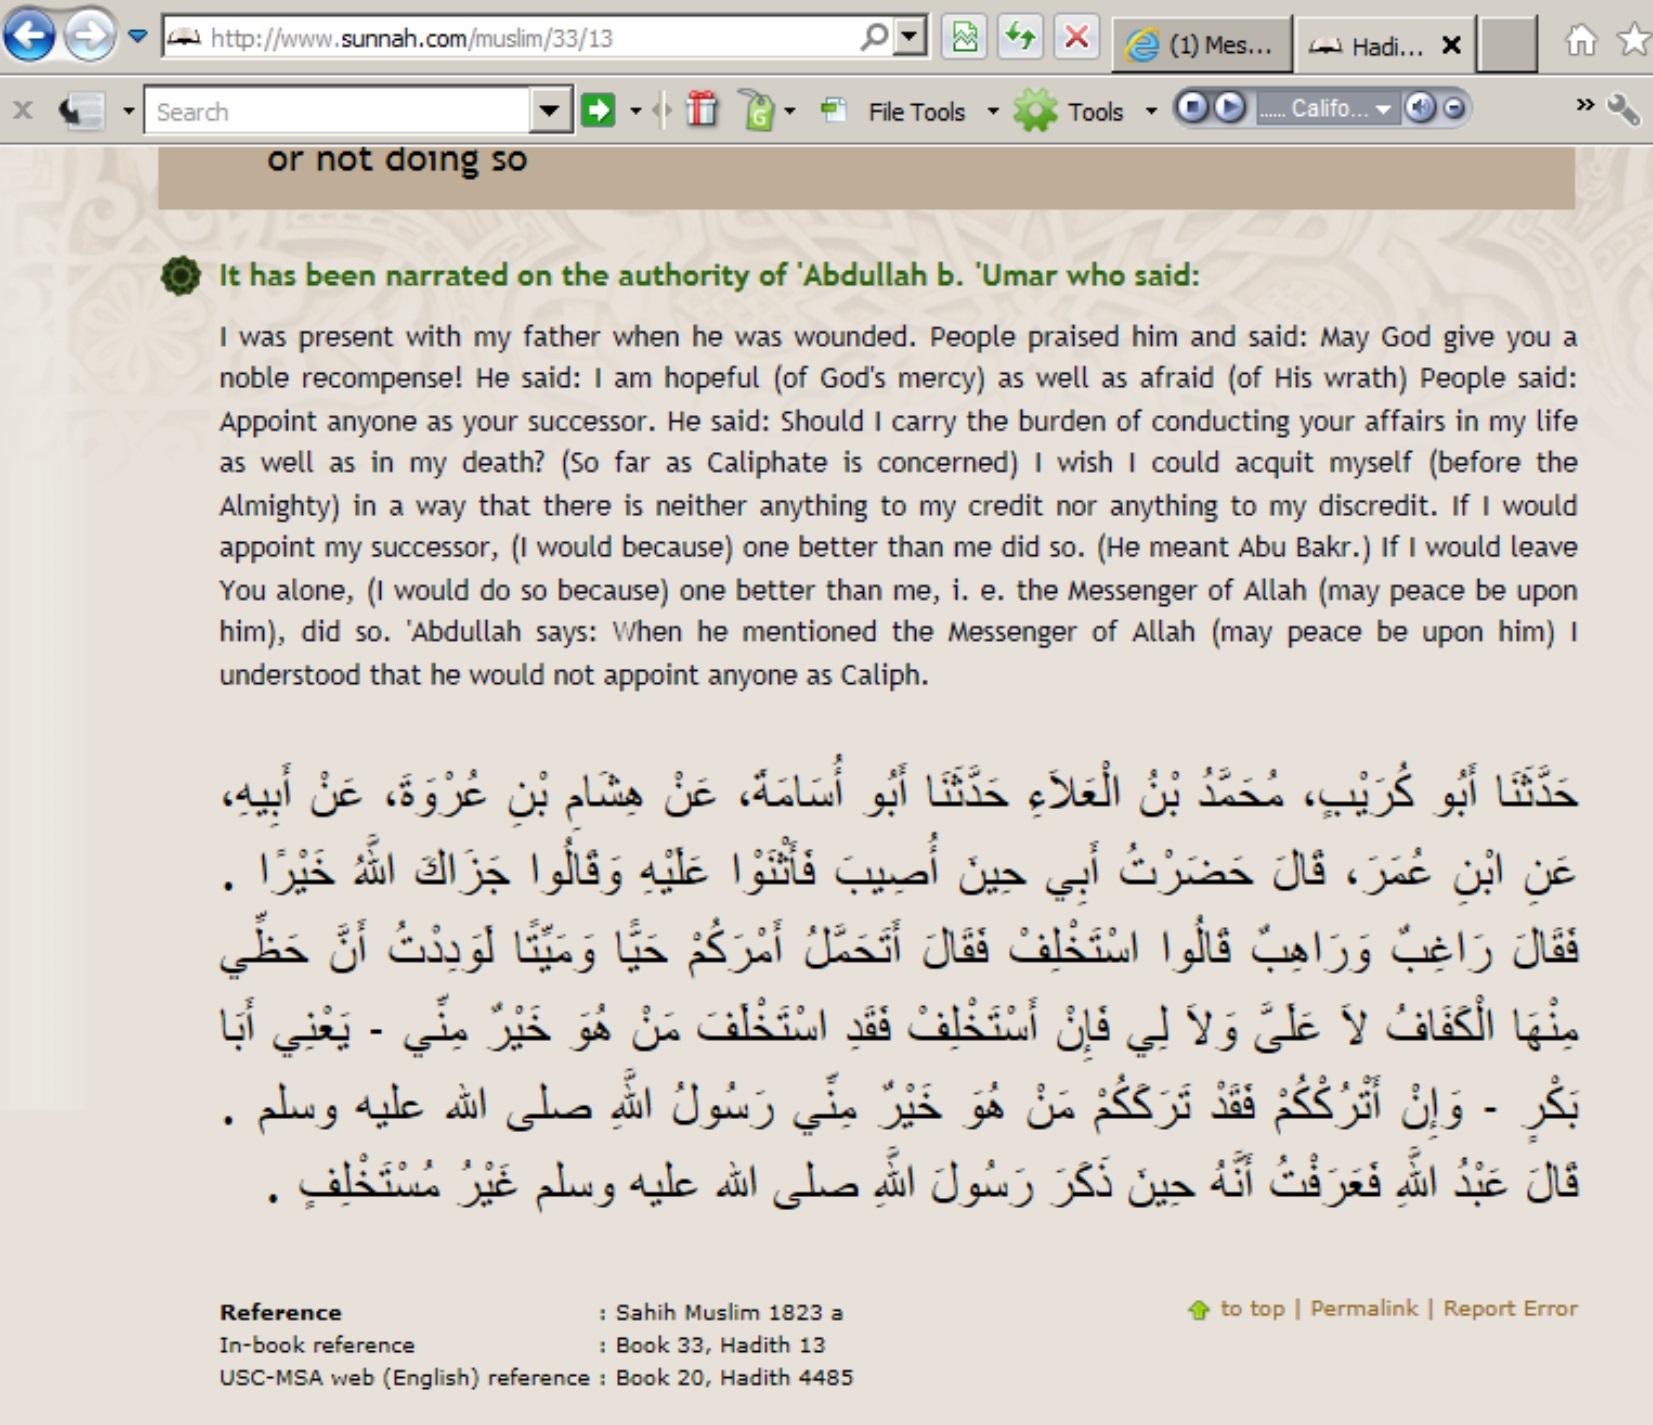 Abu Bakar not an appointed caliph